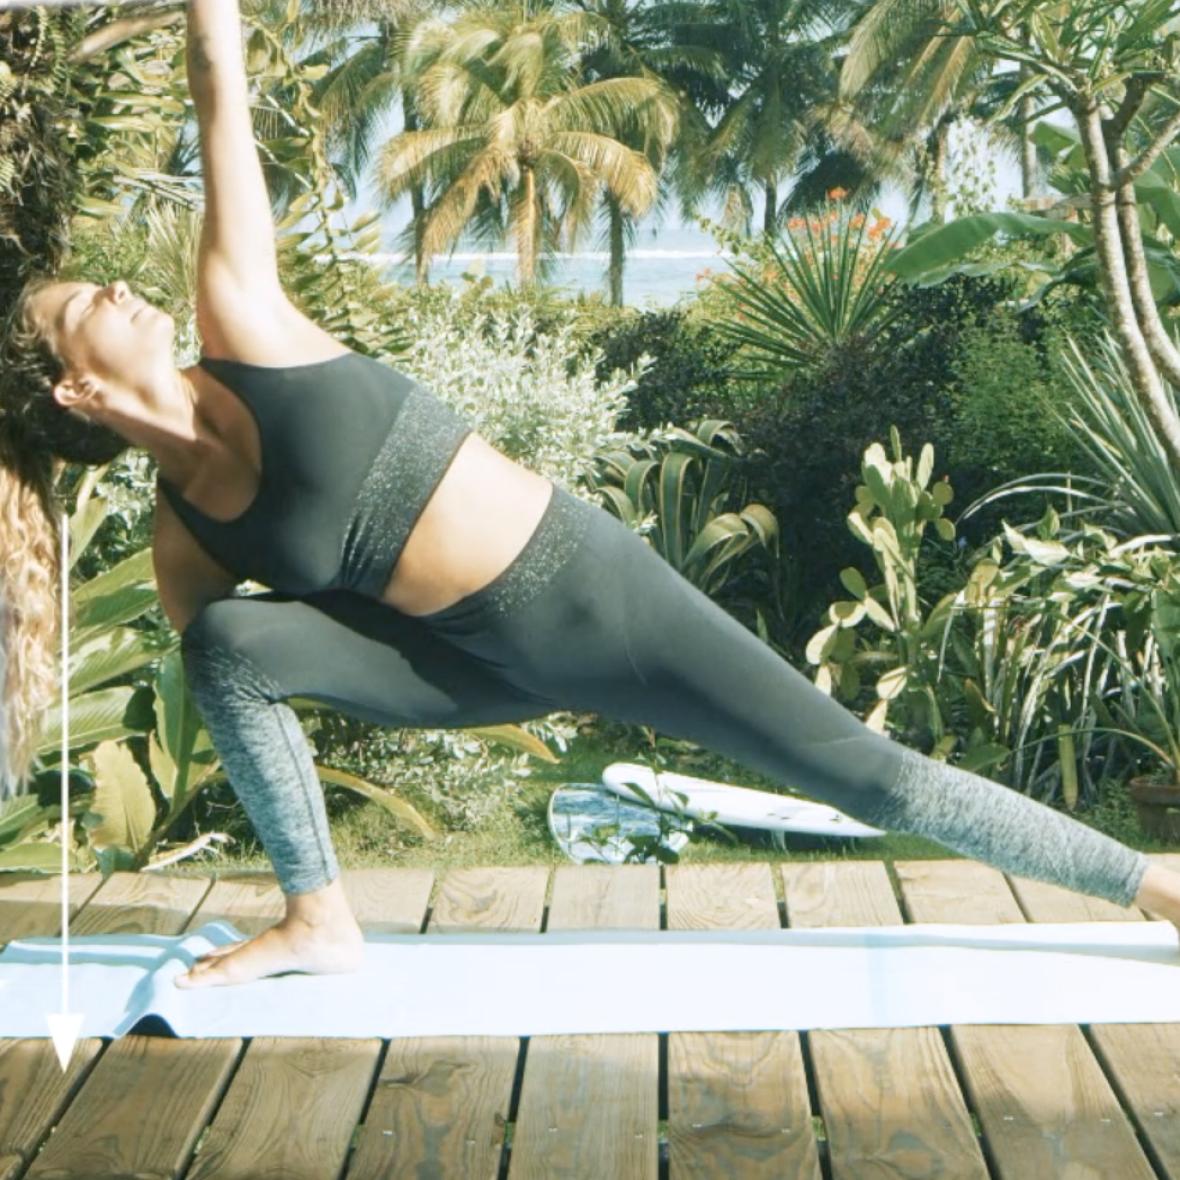 posture le triangle etire yoga pour surfeurs